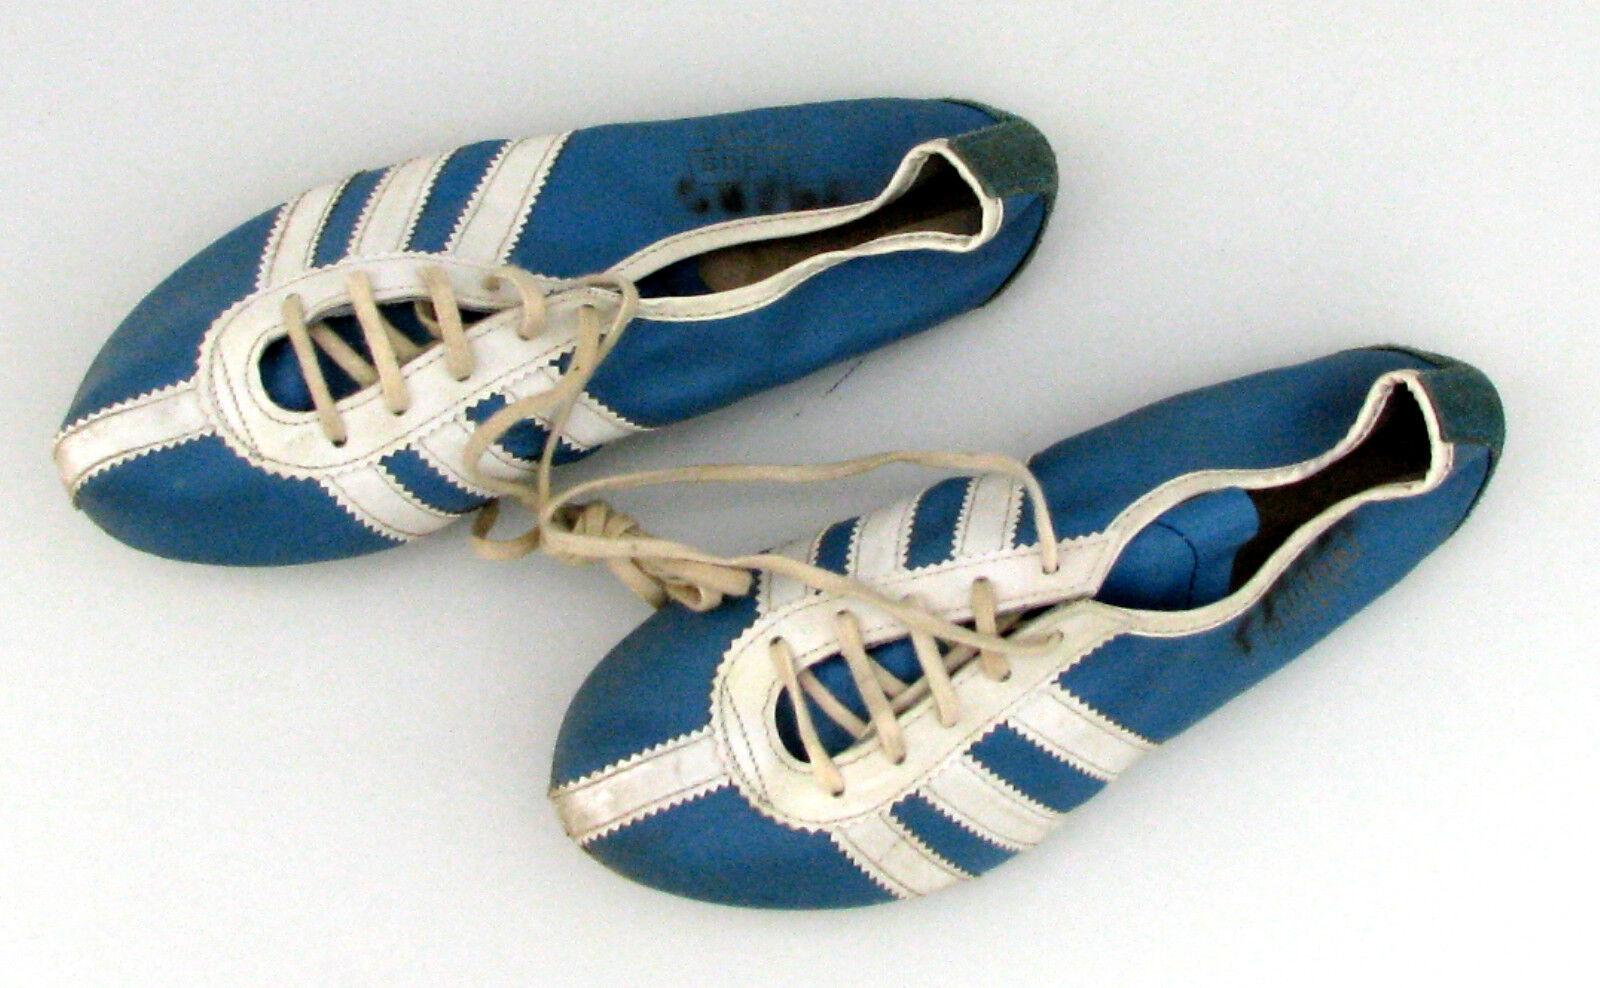 VINTAGE ADIDAS AVANTI SPIKES Sprintschuhe schuhe 70er Jahre Jahre Jahre Blau Weiß 3 Streifen ab3ec9